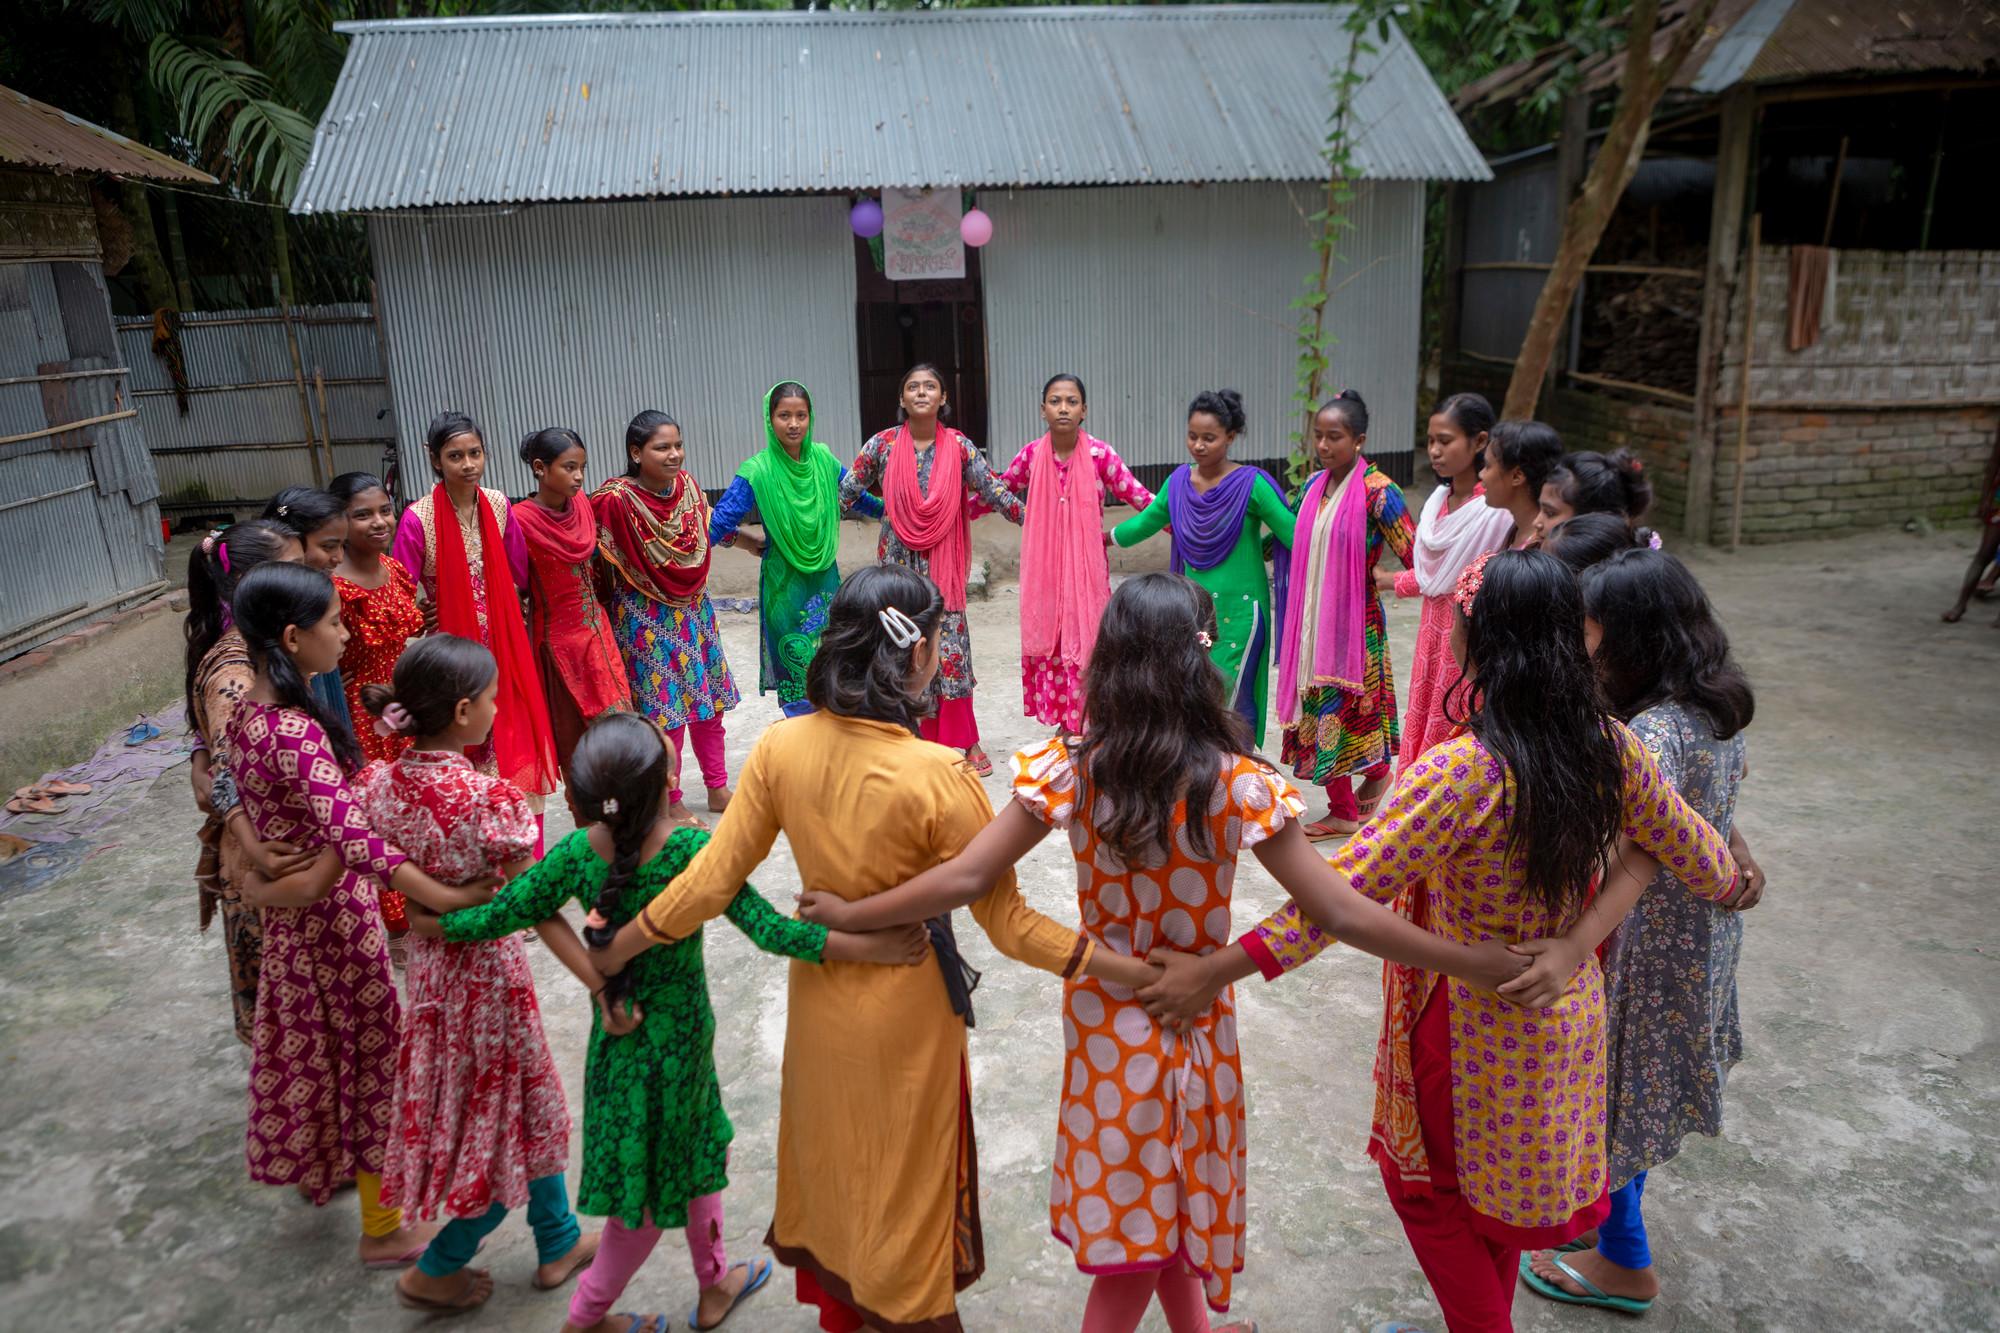 Un groupe d'adolescentes se tient en cercle à l'extérieur dans un village.